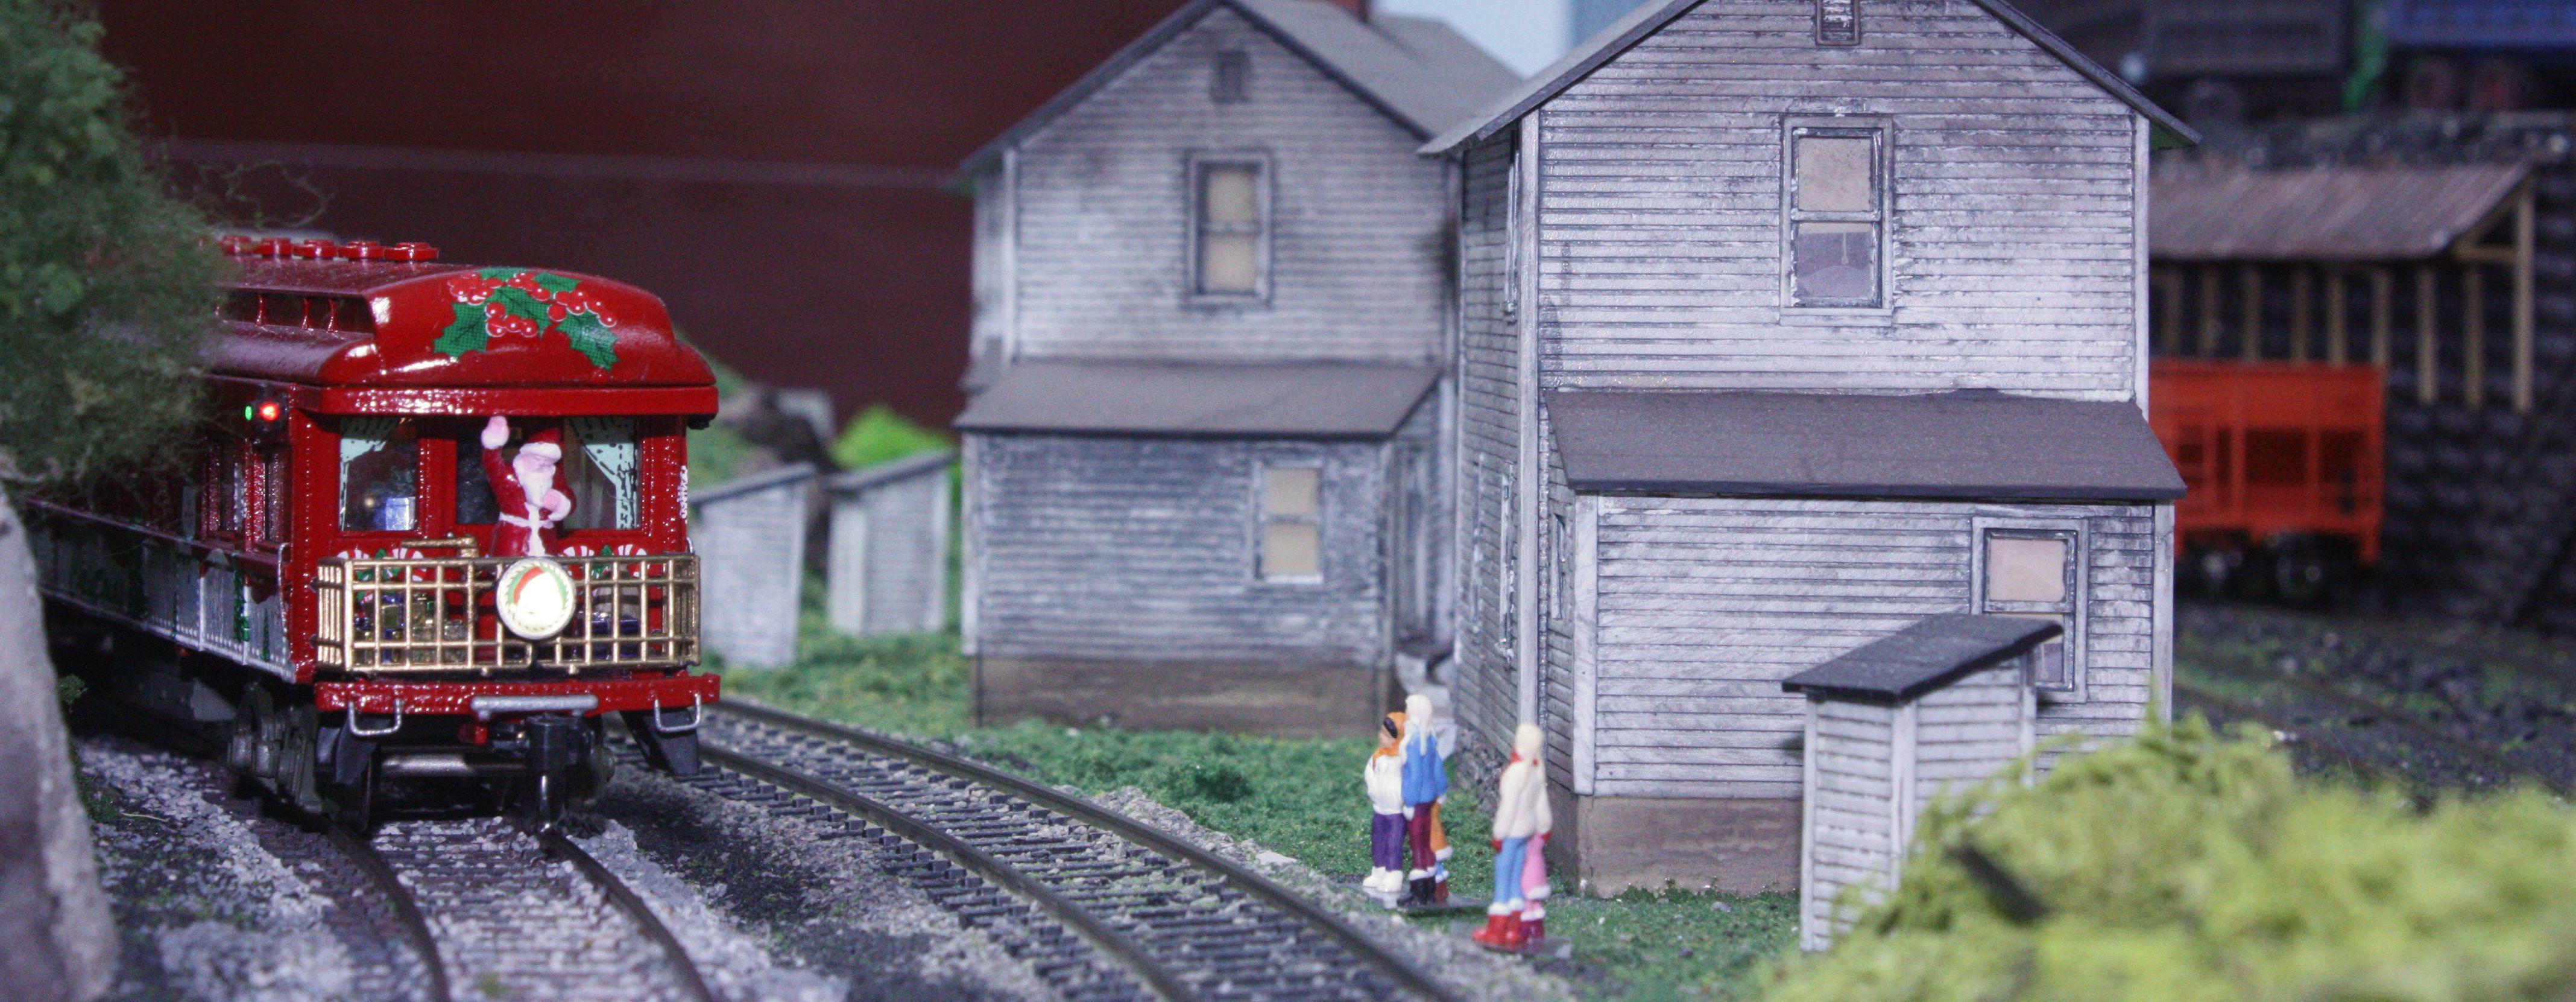 santa greets slum kids